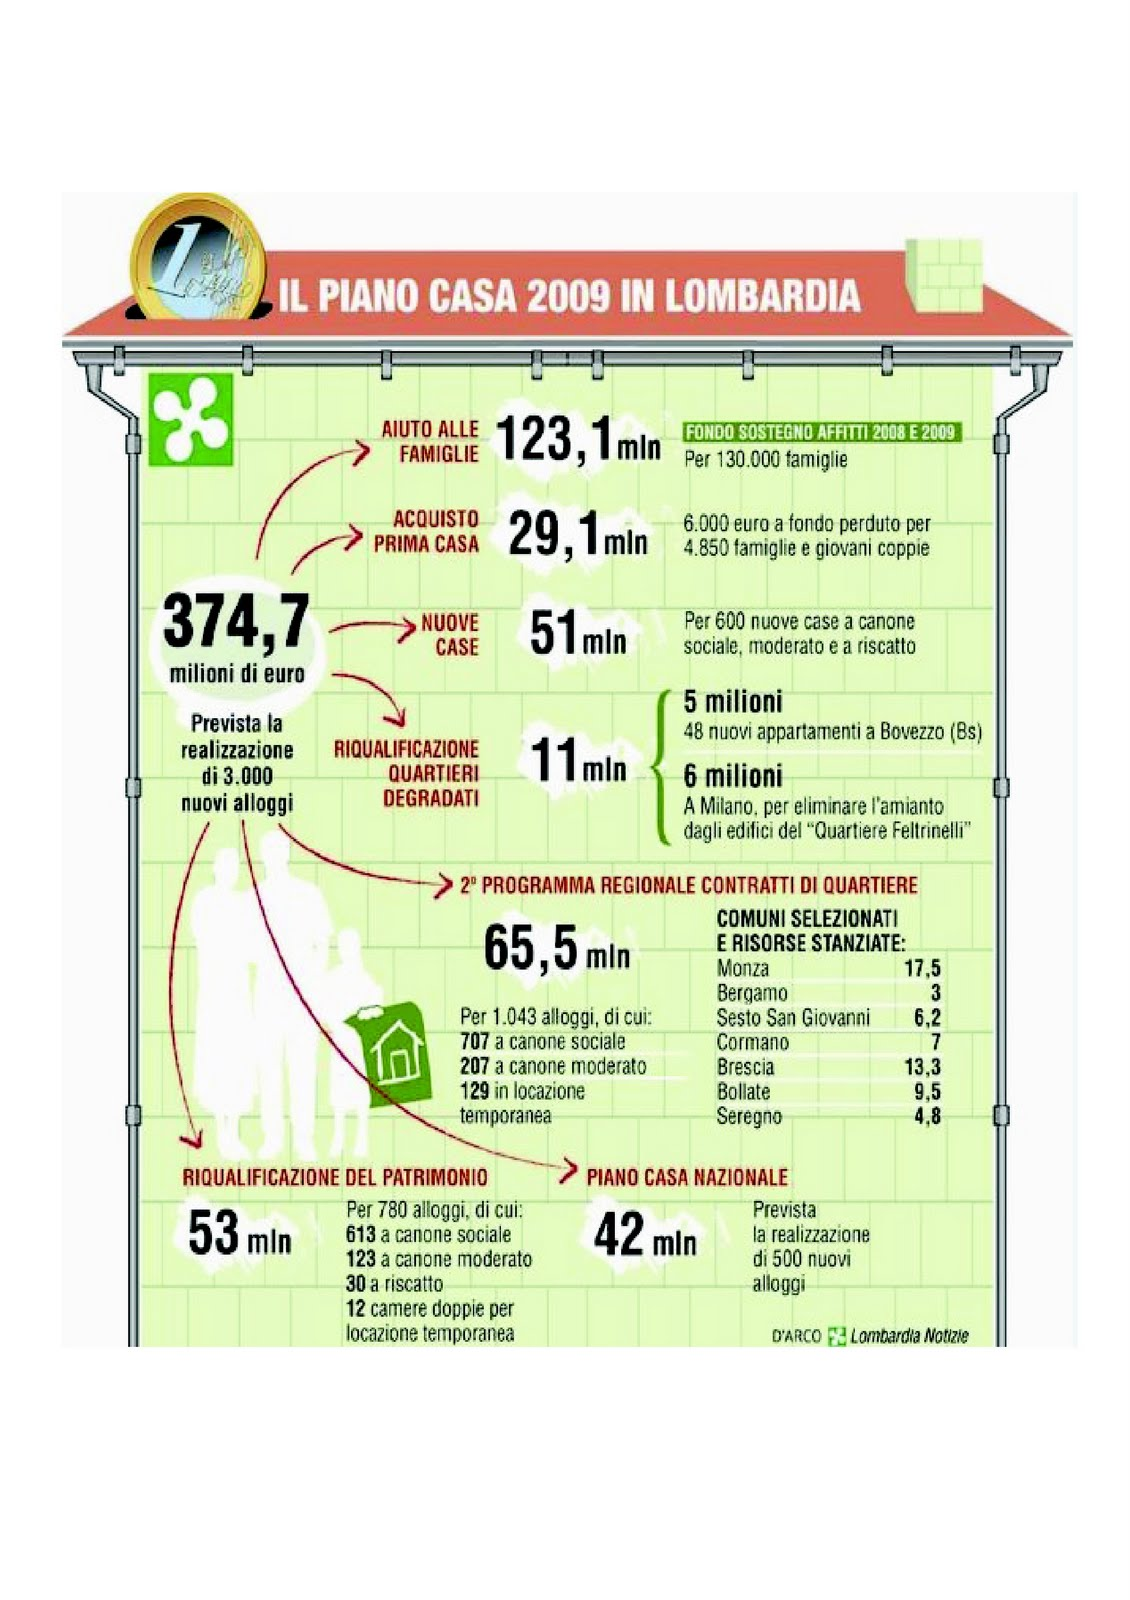 certificazioni energetiche piano casa lombardia 2009